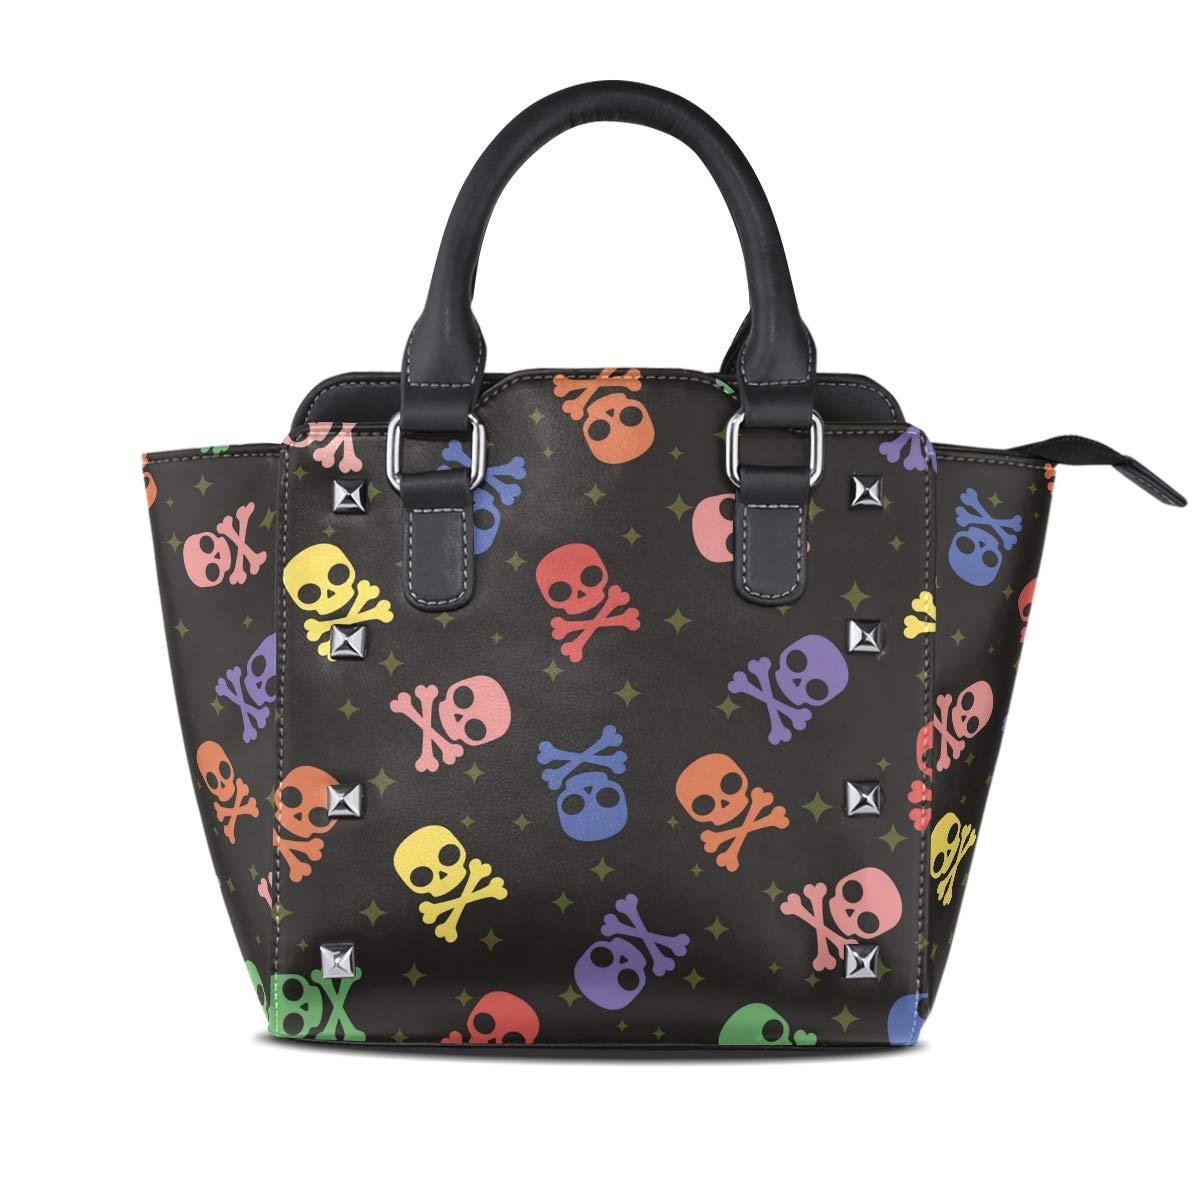 Design3 Handbag Tribal Style Turtle Genuine Leather Tote Rivet Bag Shoulder Strap Top Handle Women